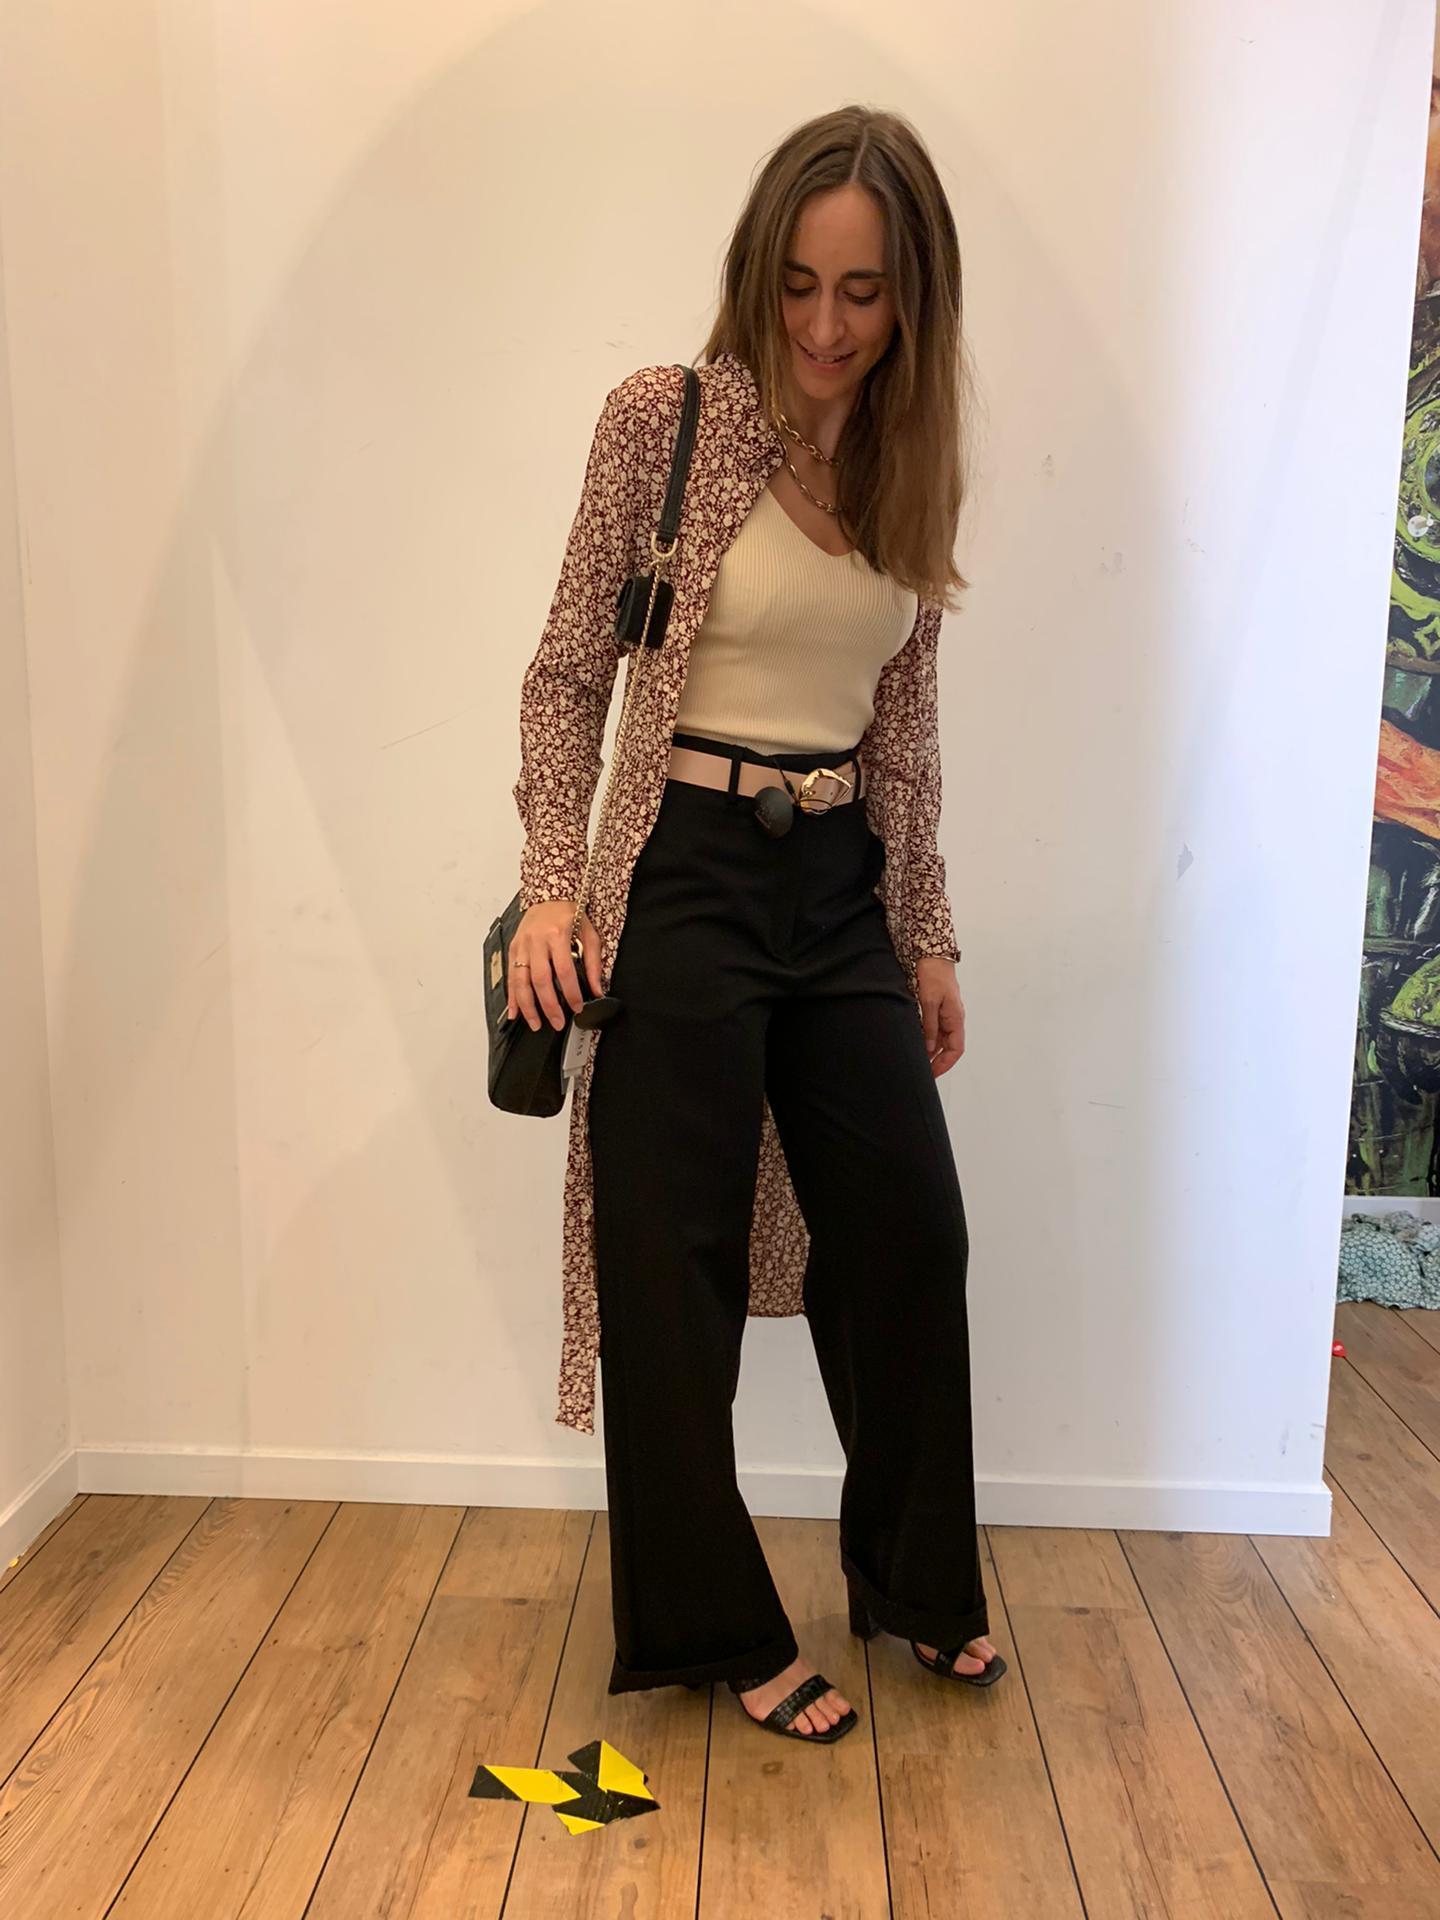 Un pantalon taille haute + un top + une robe ouverte